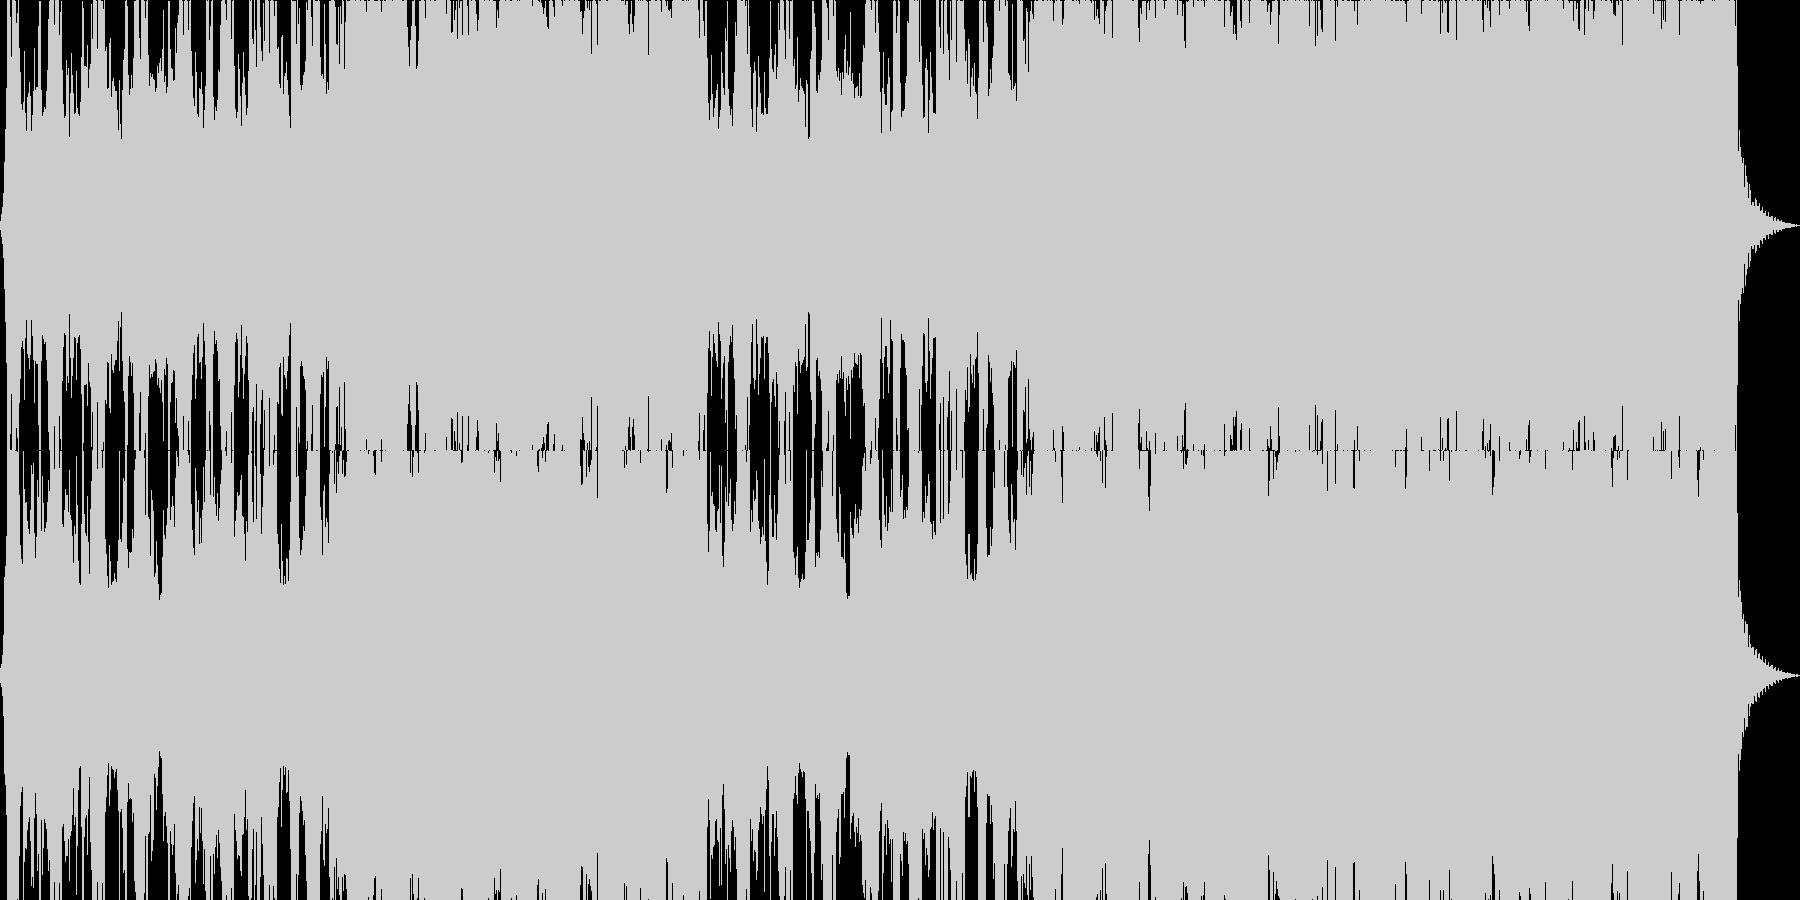 パワフルで激しいロック音楽の未再生の波形